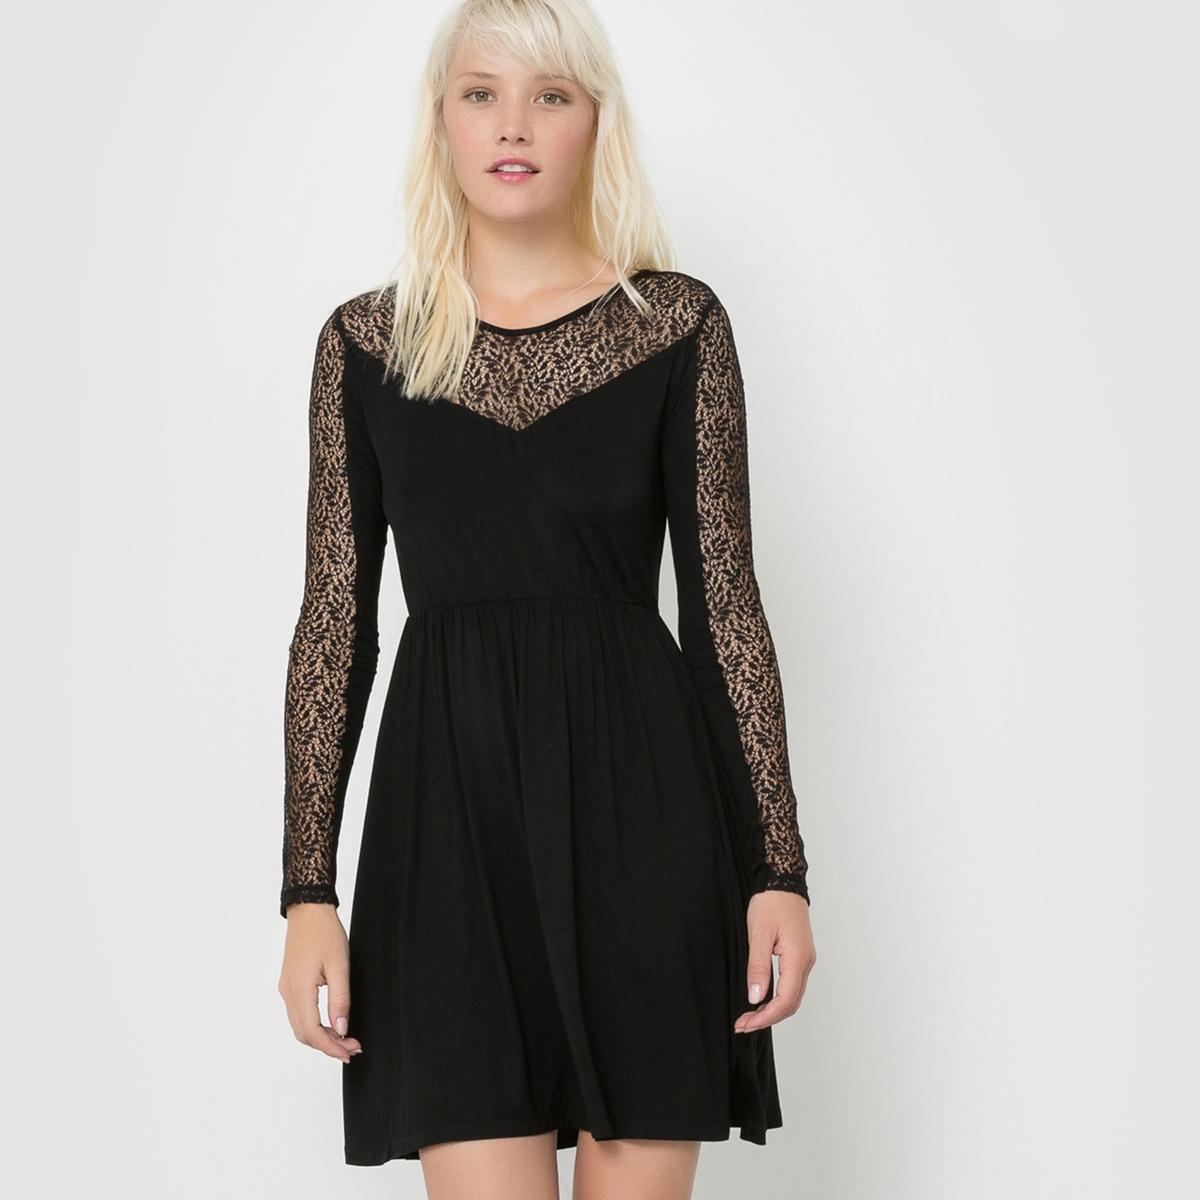 Платье с длинными рукавами из кружева, ROSELYNСостав и описаниеМарка : SCHOOL RAG.Модель : ROSELYNМатериал : 95% вискозы, 5% эластана<br><br>Цвет: черный<br>Размер: S